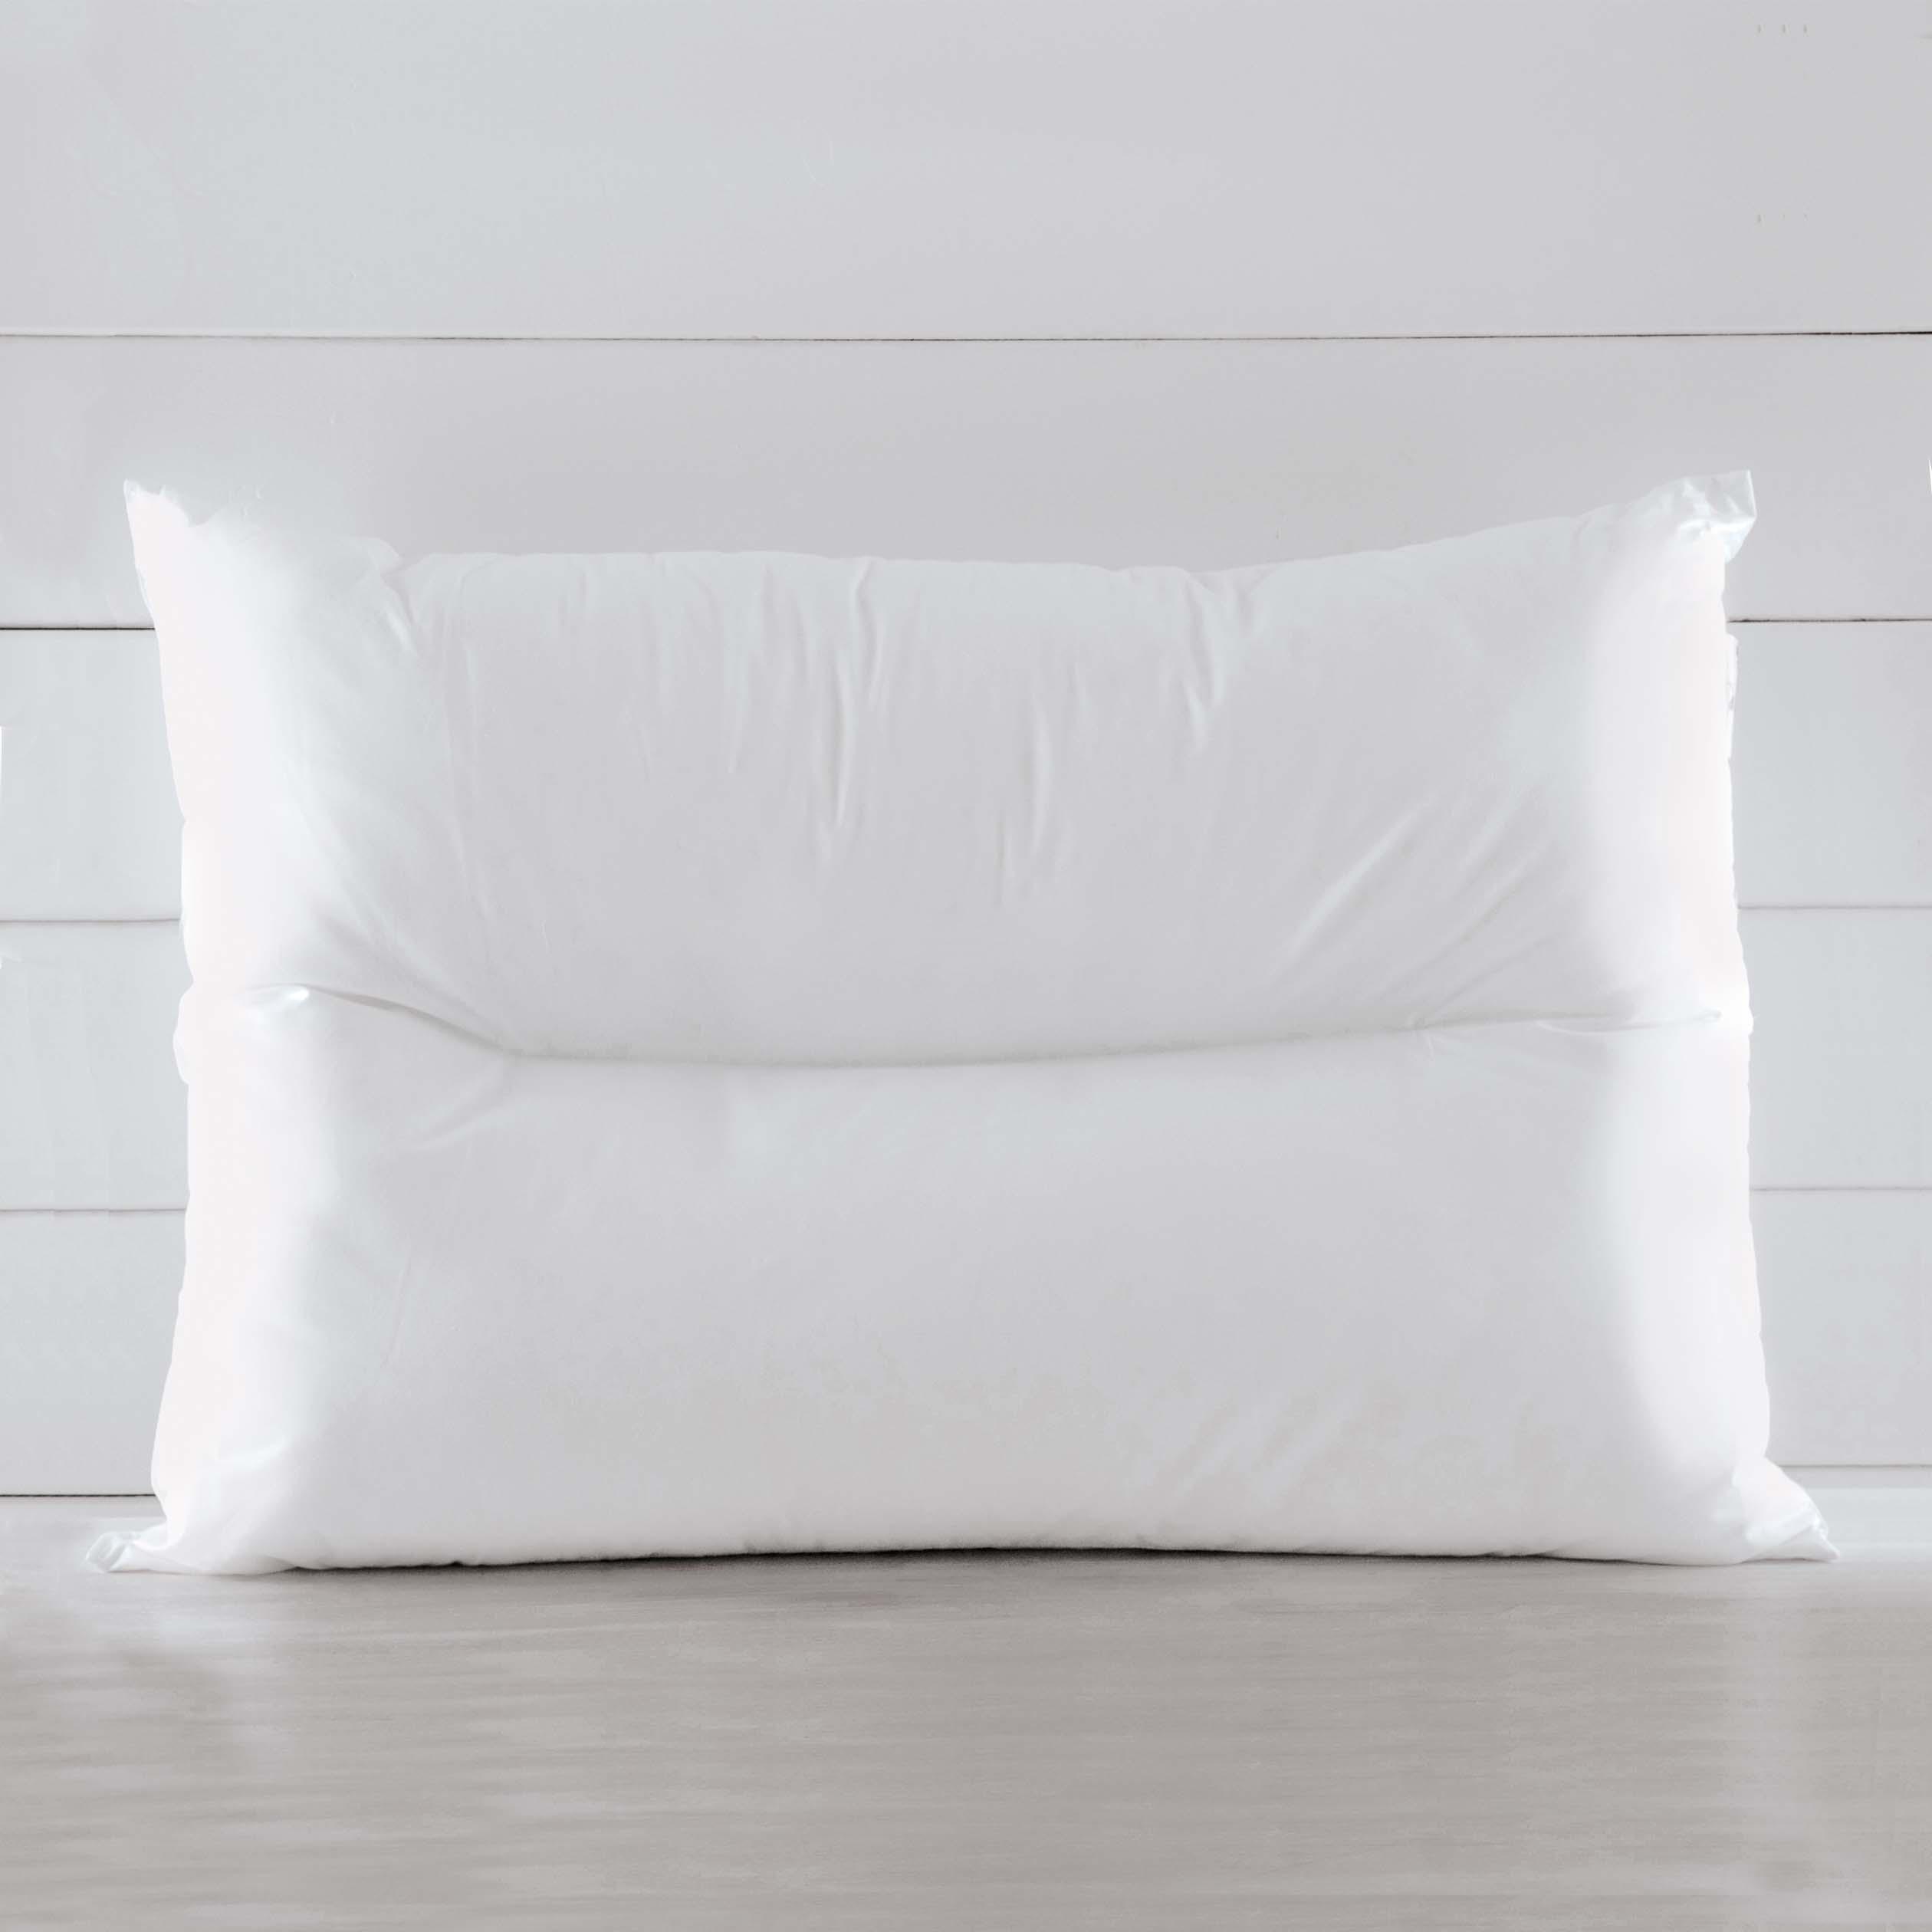 Μαξιλάρι ύπνου ανατομικό, RYTHMOS HOME υπνοδωματιο   μαξιλάρια ύπνου   μαξιλάρια  ανατομικά